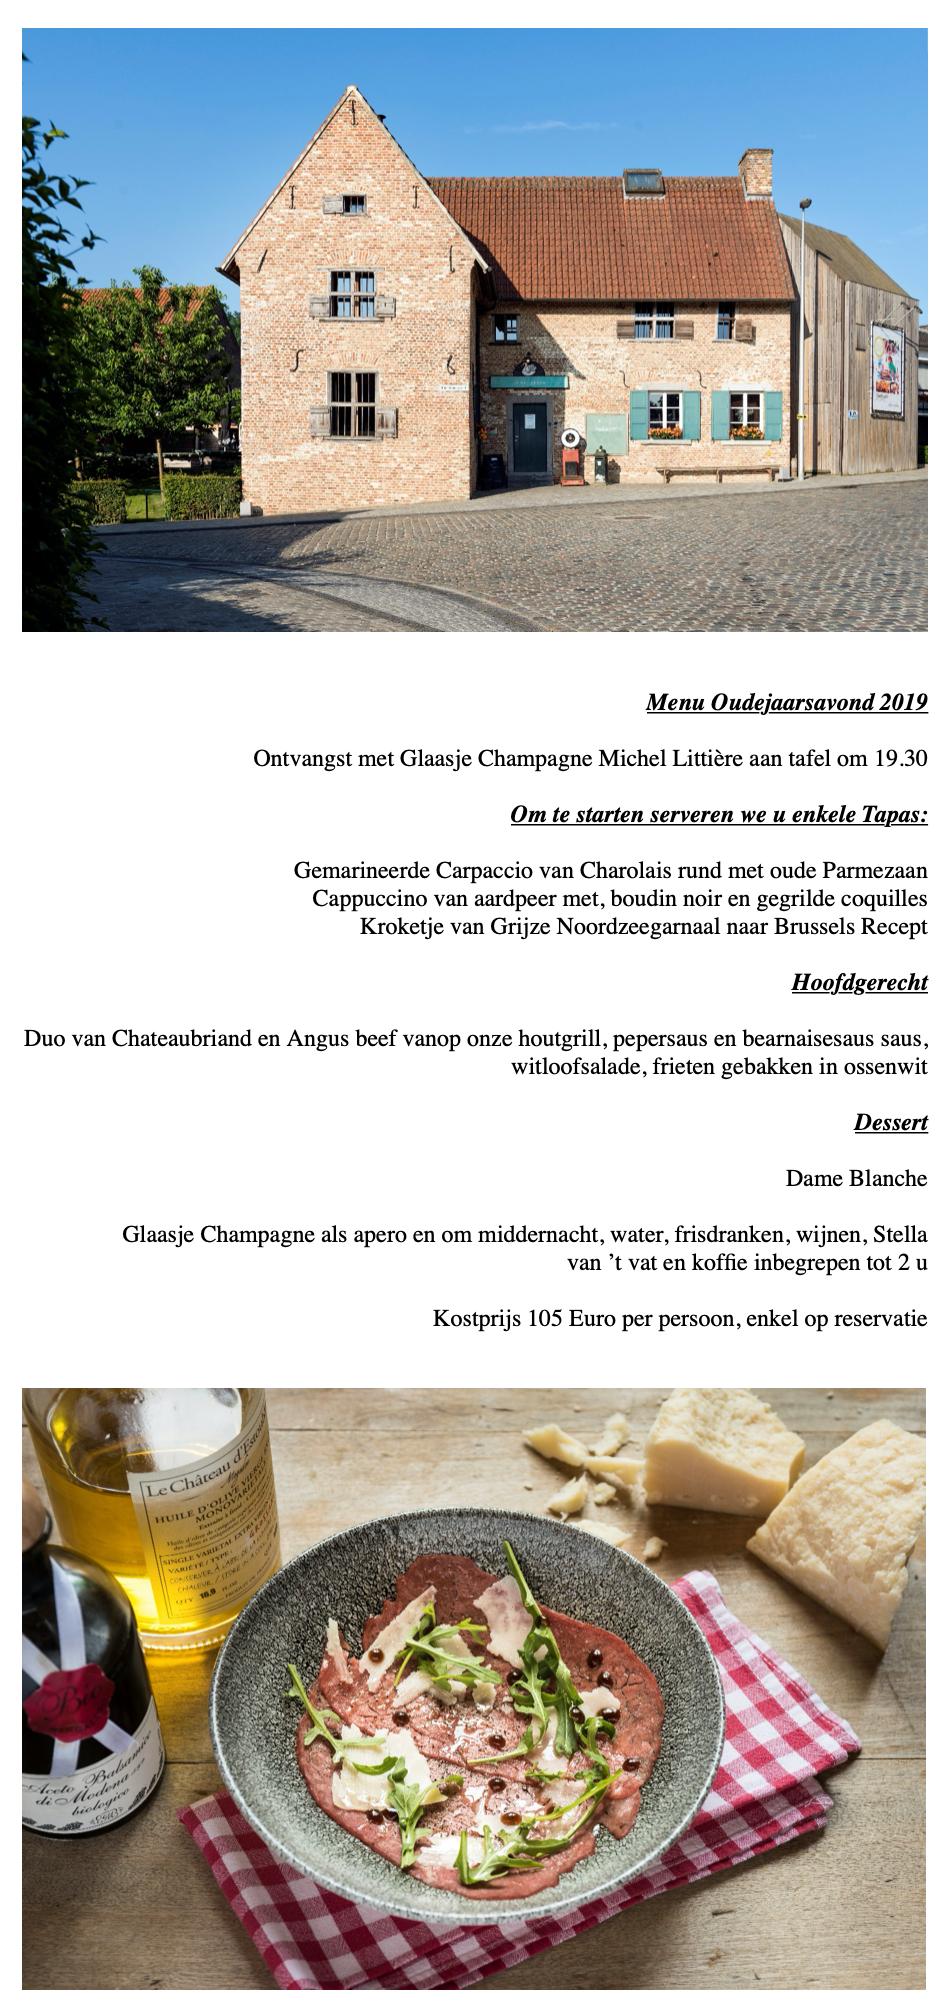 Schermafdruk 2019-11-16 11.36.48.png